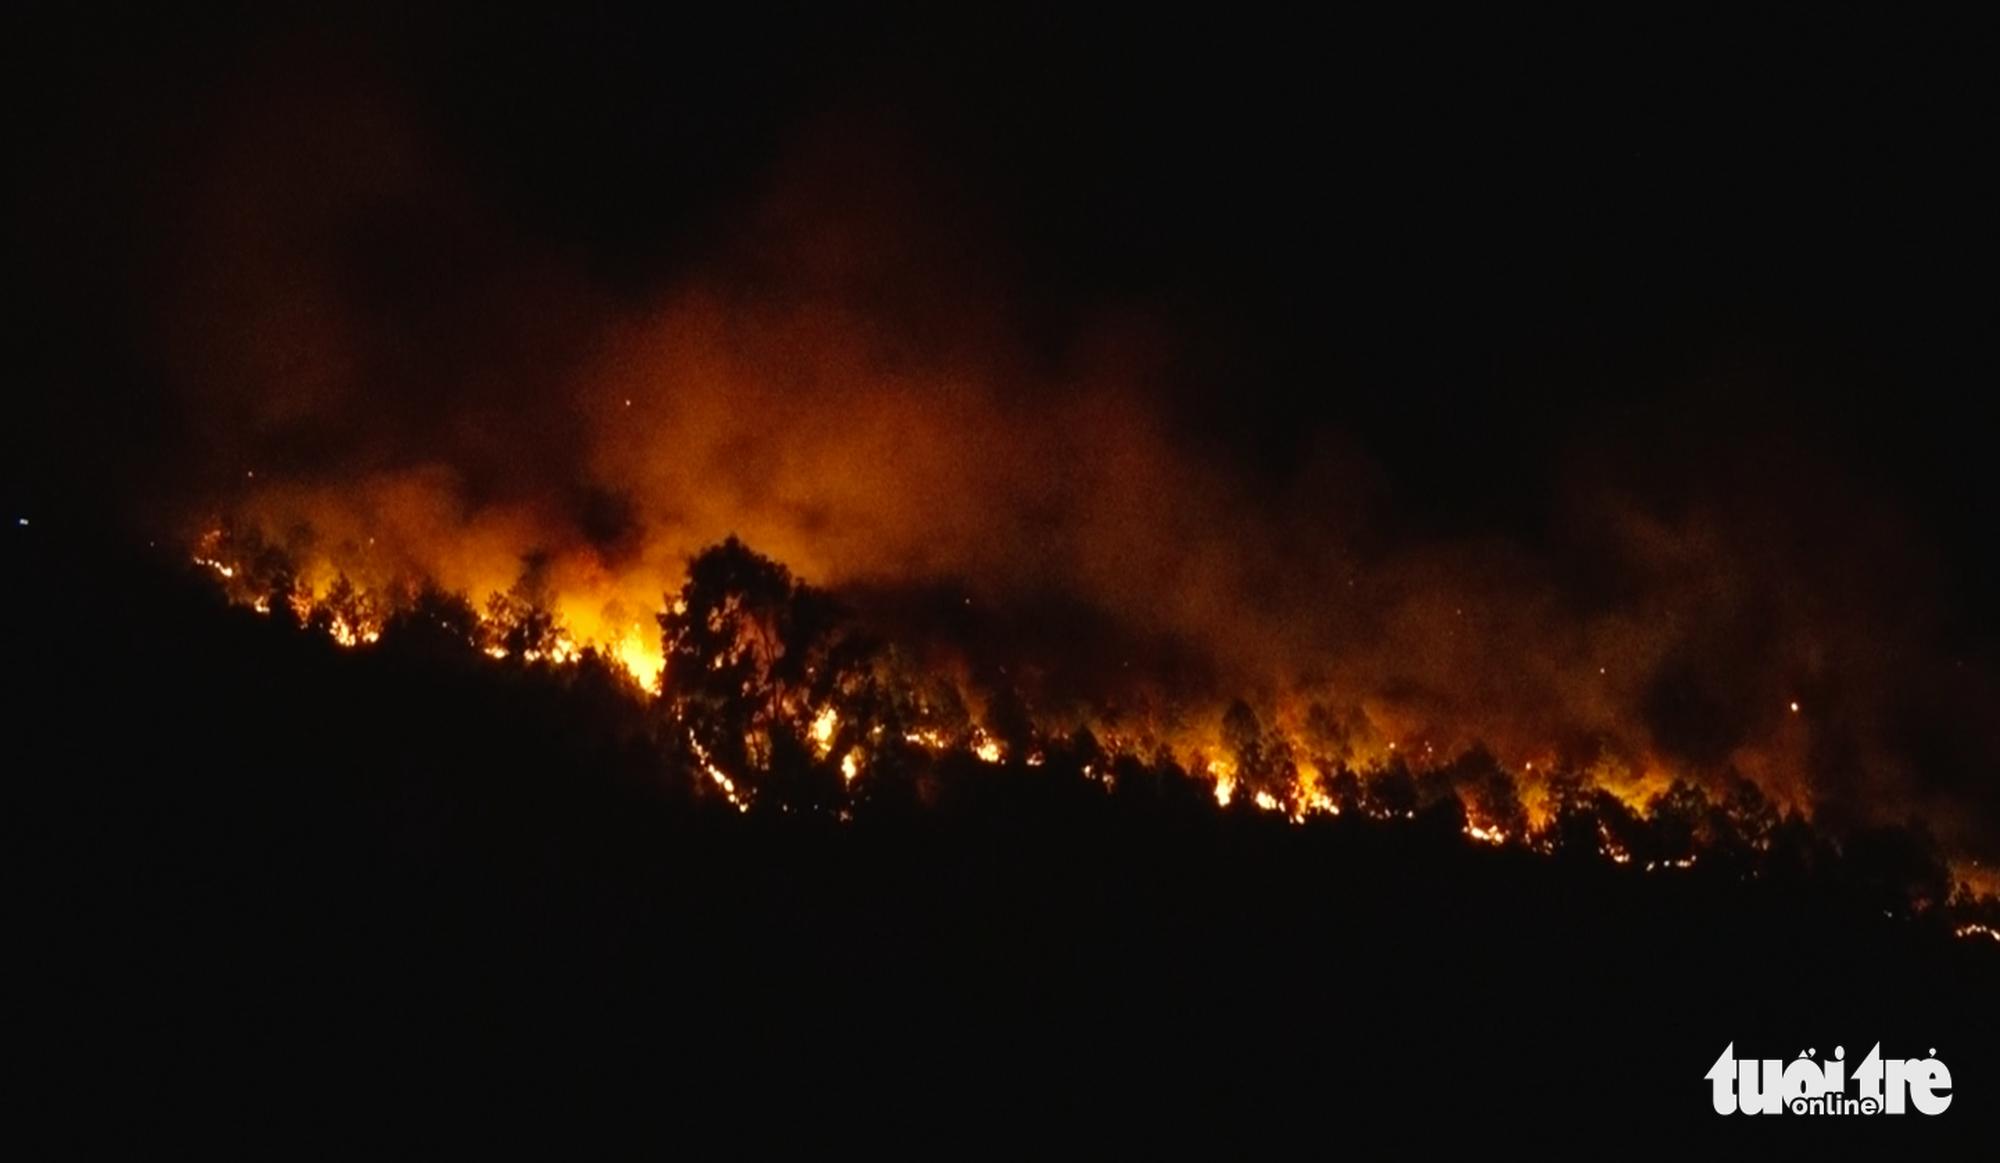 Cận cảnh xuyên đêm chiến đấu 'giặc lửa' cứu rừng - Ảnh 1.